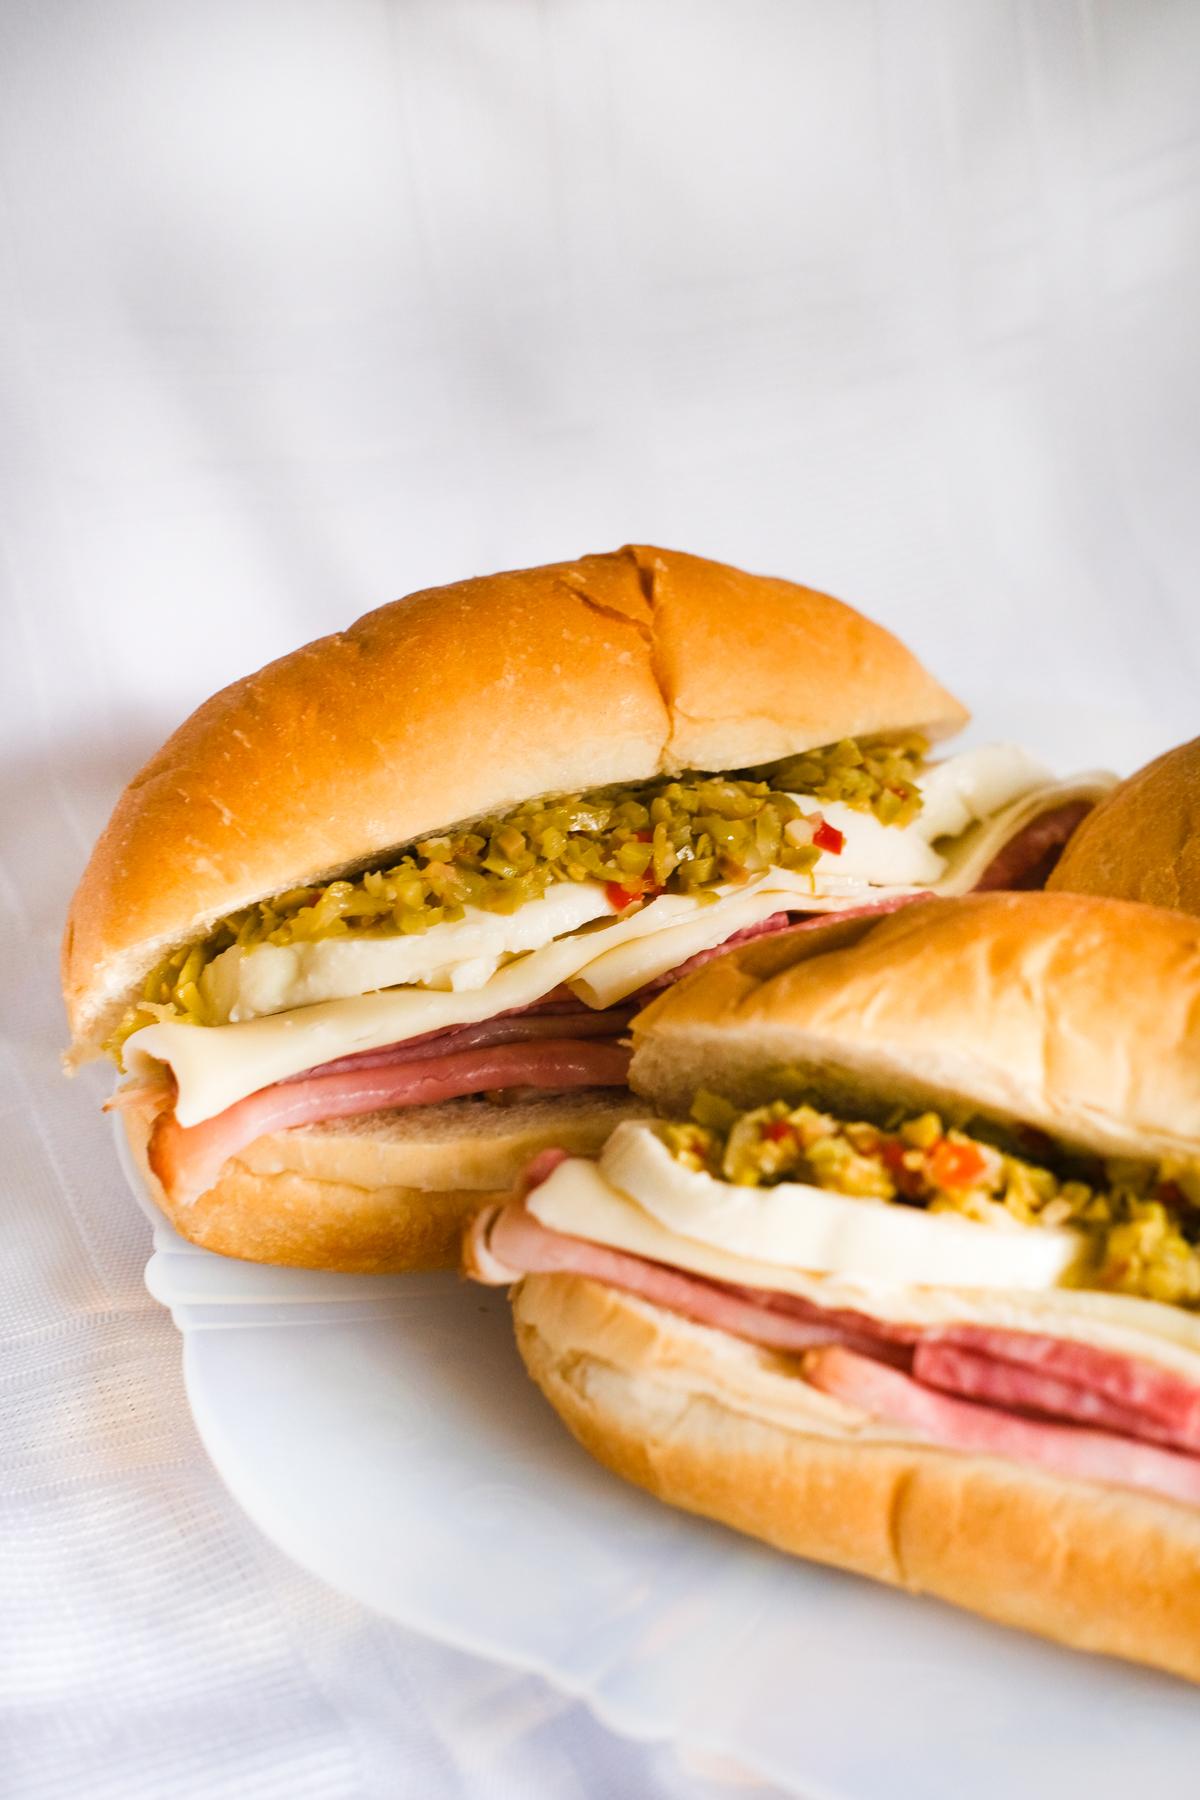 muffuletta sandwiches on a plate